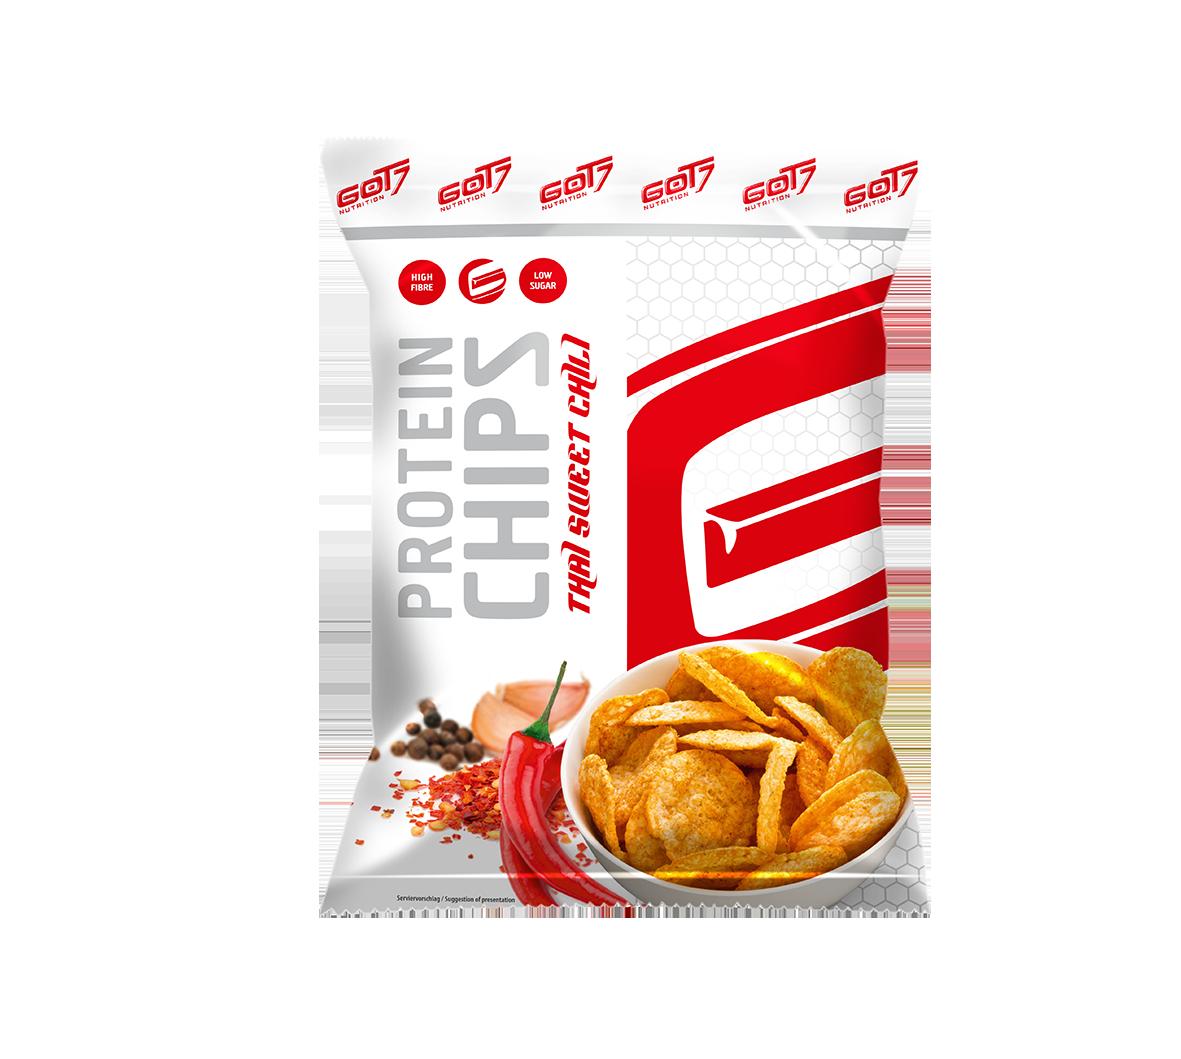 GOT7 High Protein Chips, 50g